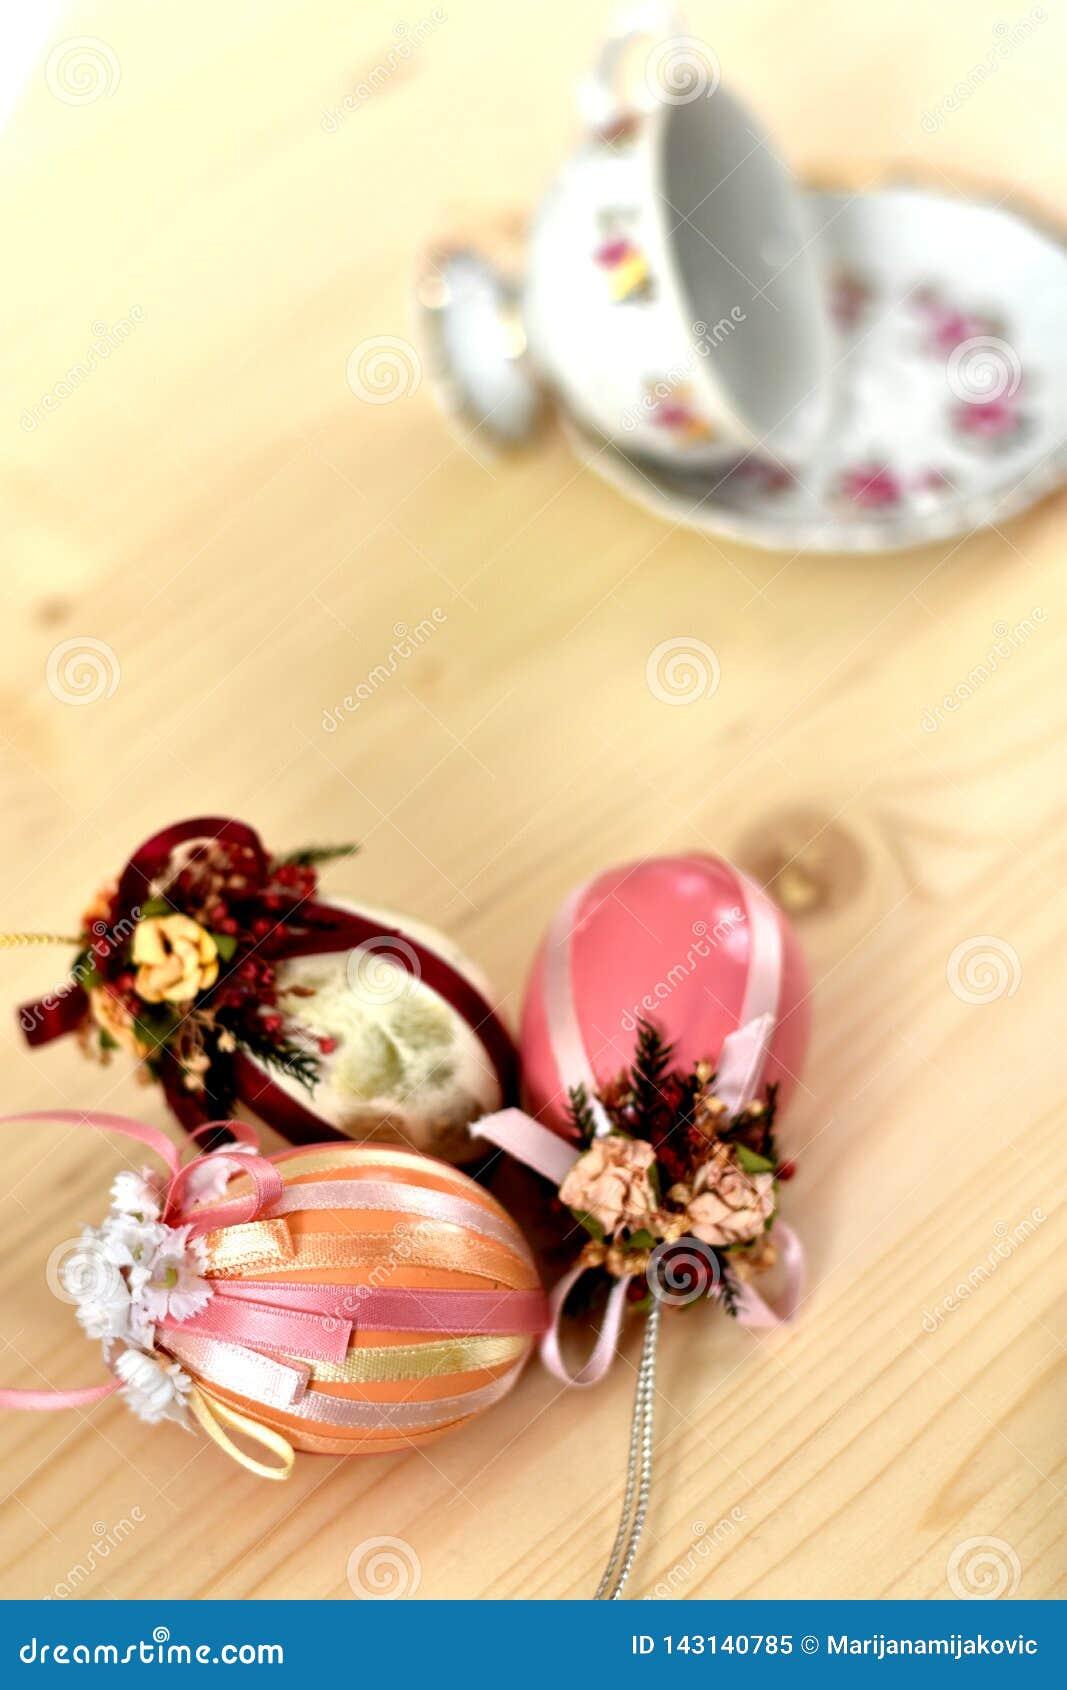 Décoration de Pâques de cru de trois oeufs de pâques colorés roses brillants décorés des rubans et de la tasse et soucoupe de cru